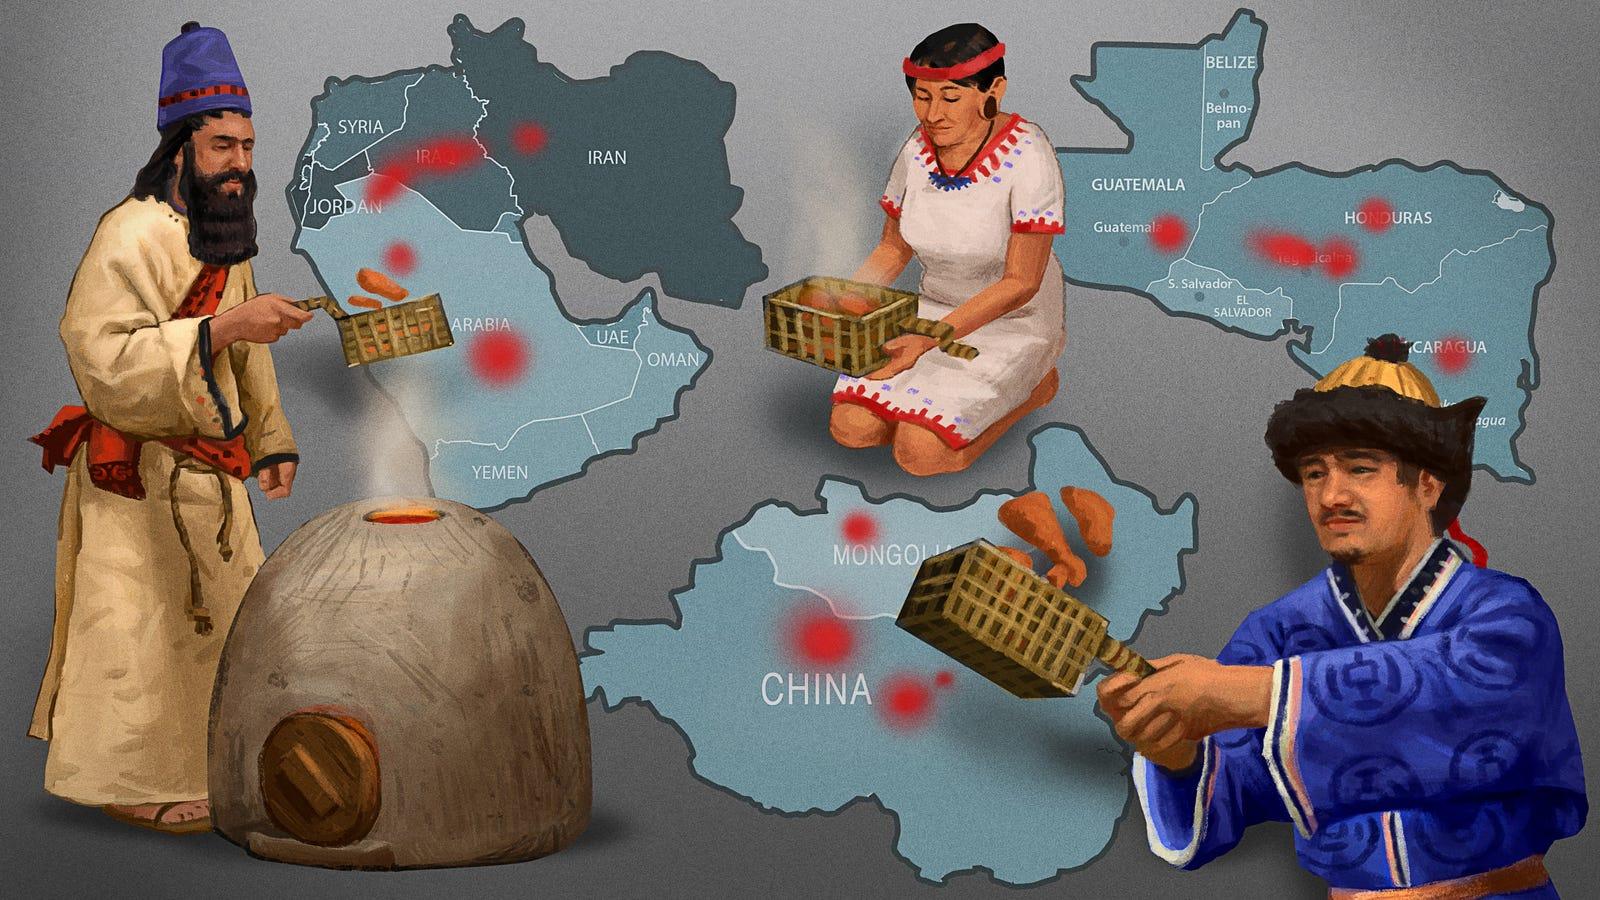 Historiker Zeigen Mehrere Wiegen Der Zivilisation Unabhängig Voneinander Entwickelt Chicken Tender Korb